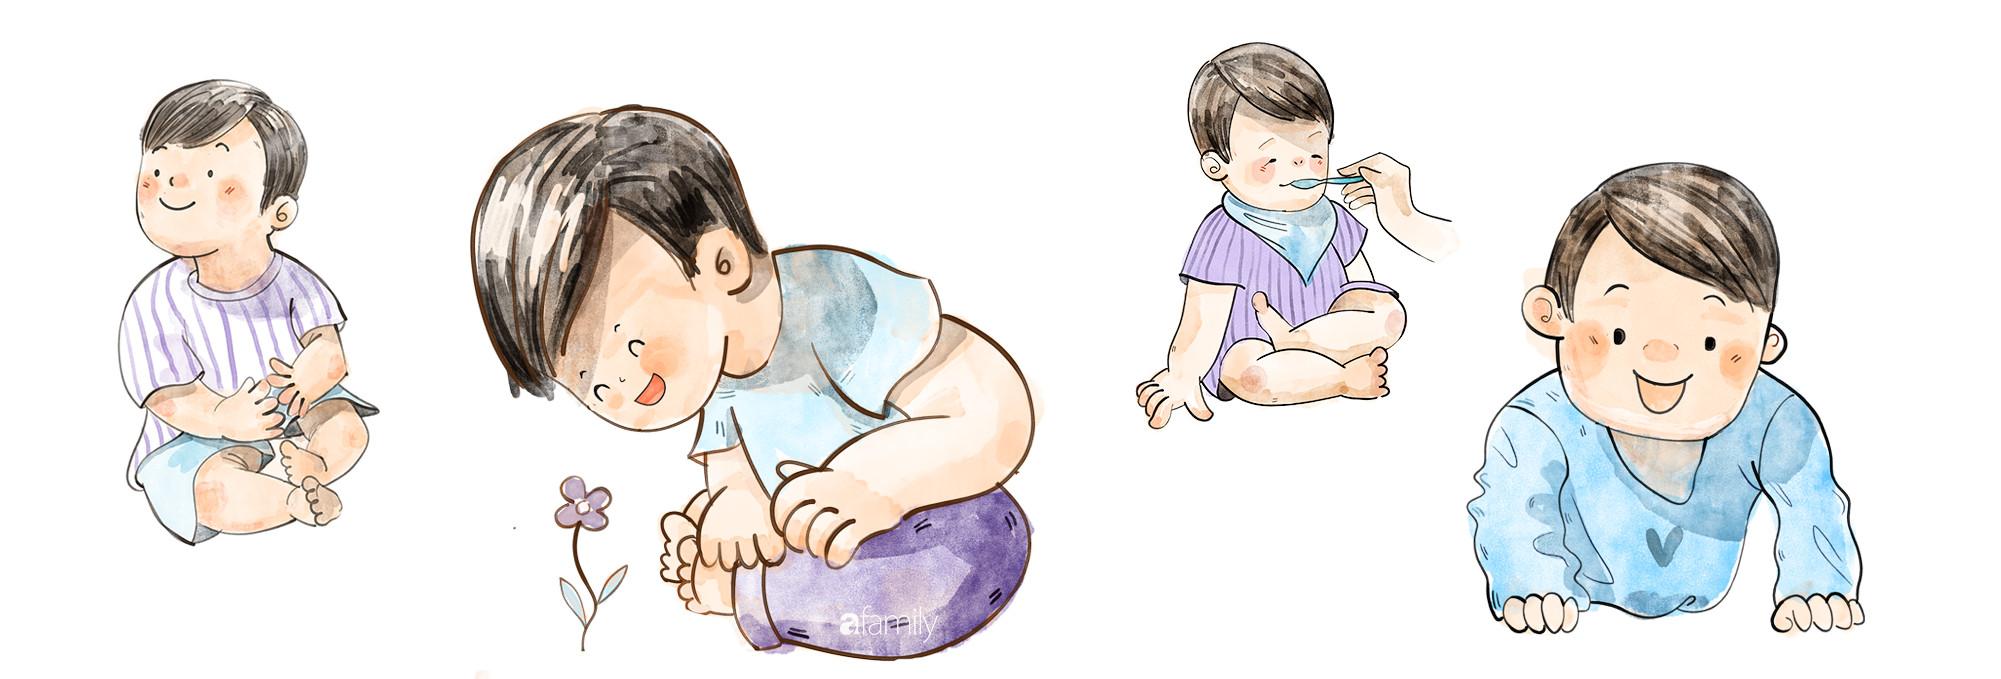 Con nhỏ, mẹ và người trông trẻ - Mối quan hệ tay ba... đầy phức tạp - Ảnh 5.